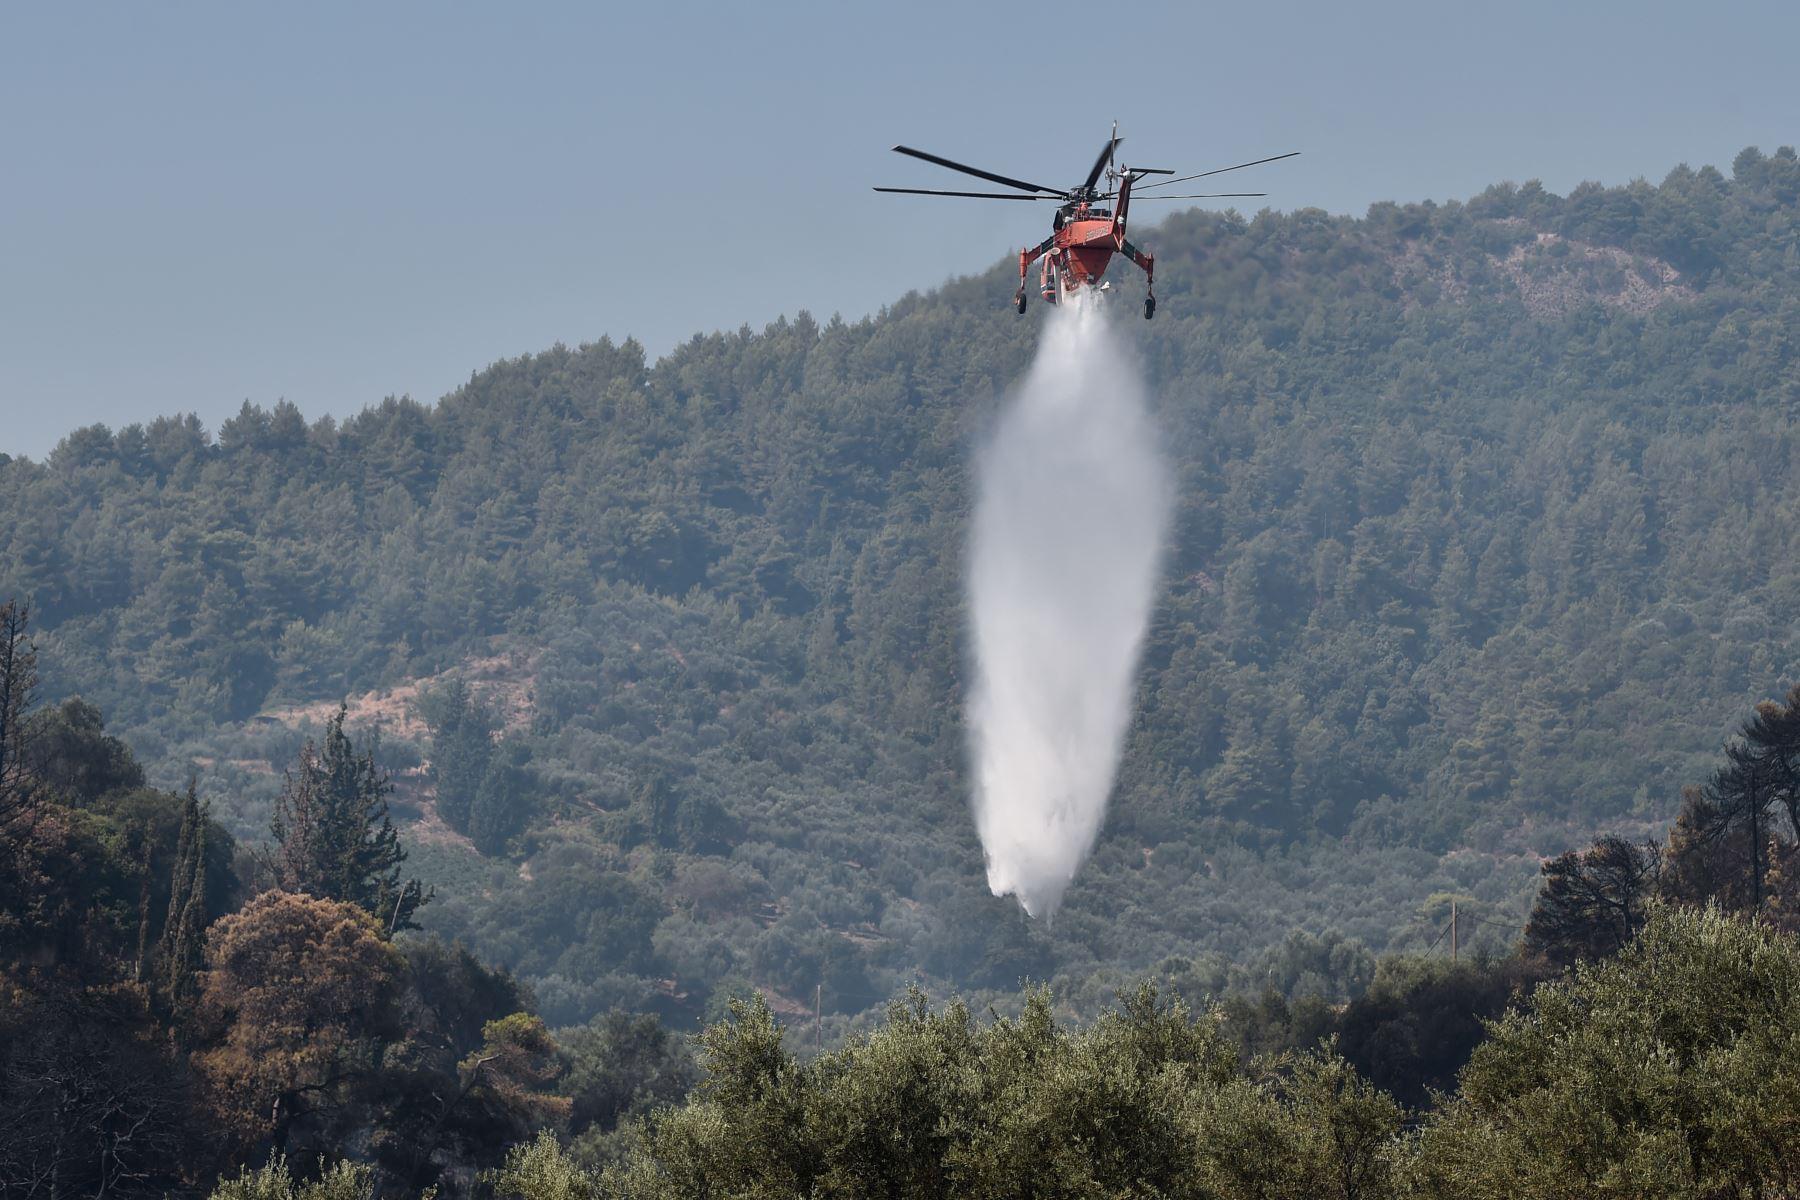 Un helicóptero Sikorsky S-64 Skycrane deja caer su carga de agua mientras lucha contra incendios en Ziria, cerca de Patras. Cerca de 300 bomberos, dos aviones bombarderos de agua y cinco helicópteros estaban luchando para apagar un incendio forestal en Grecia. Foto: AFP